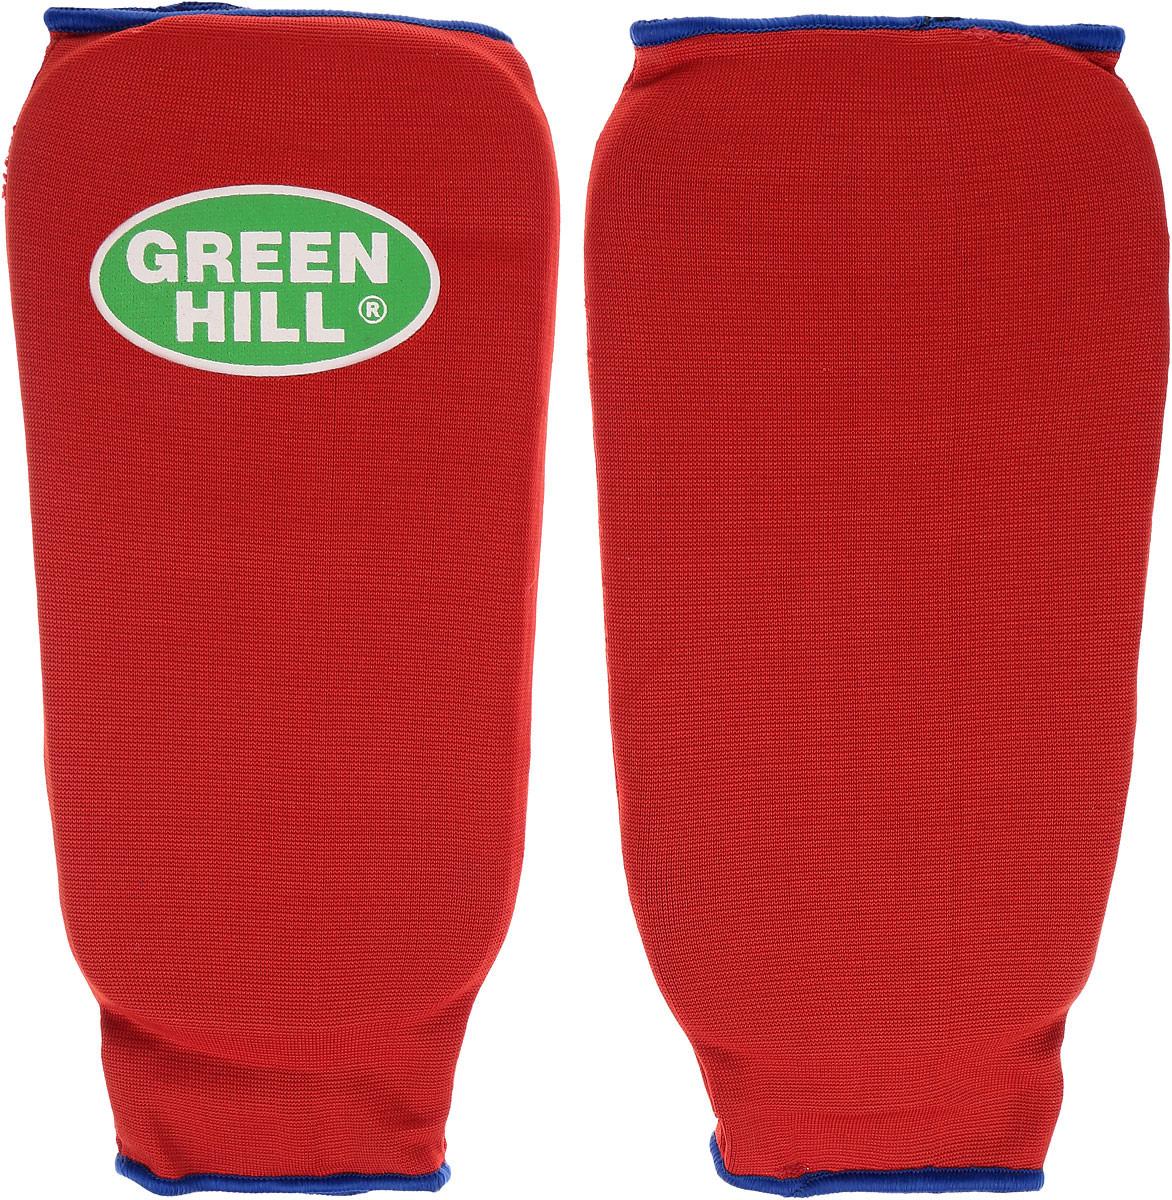 Защита голени Green Hill, цвет: красный, синий. Размер S. SPC-6210AIRWHEEL M3-162.8Защита голени Green Hill с наполнителем, выполненным из вспененного полимера, необходима при занятиях спортом для защиты суставов от вывихов, ушибов и прочих повреждений. Накладки выполнены из высококачественного эластана и хлопка.Длина голени: 23,5 см.Ширина голени: 14 см.